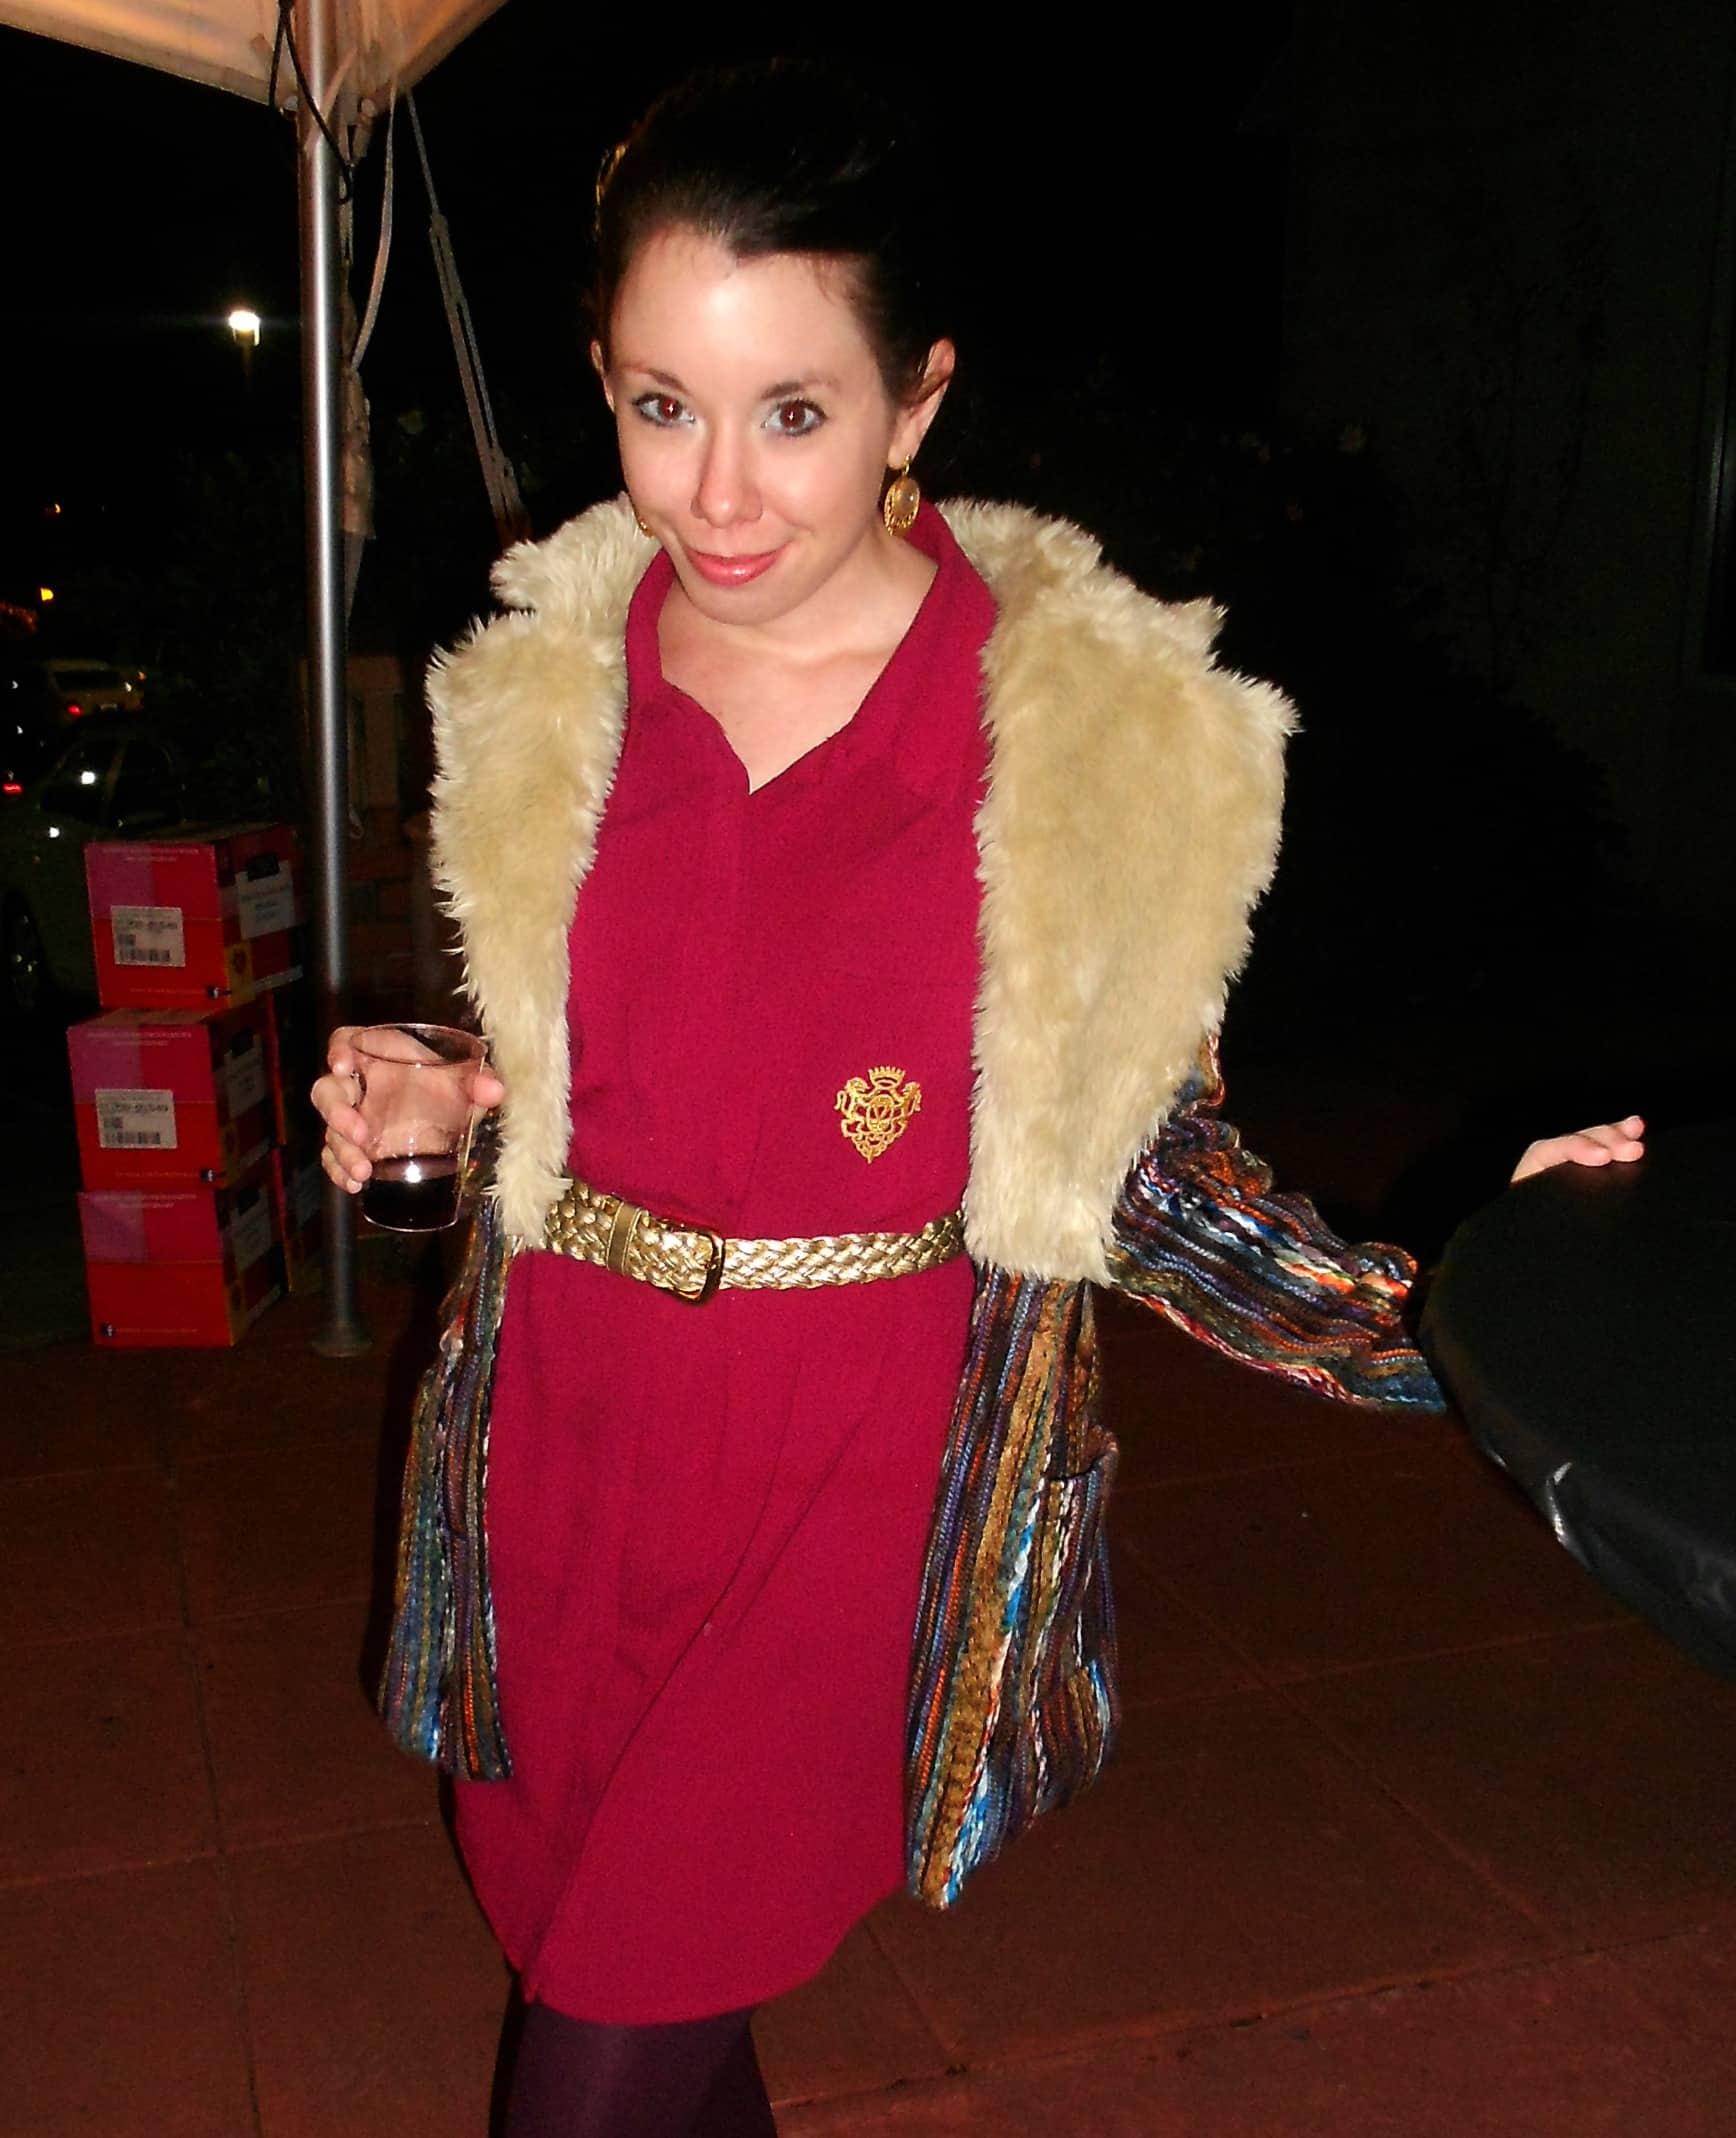 dressafter2